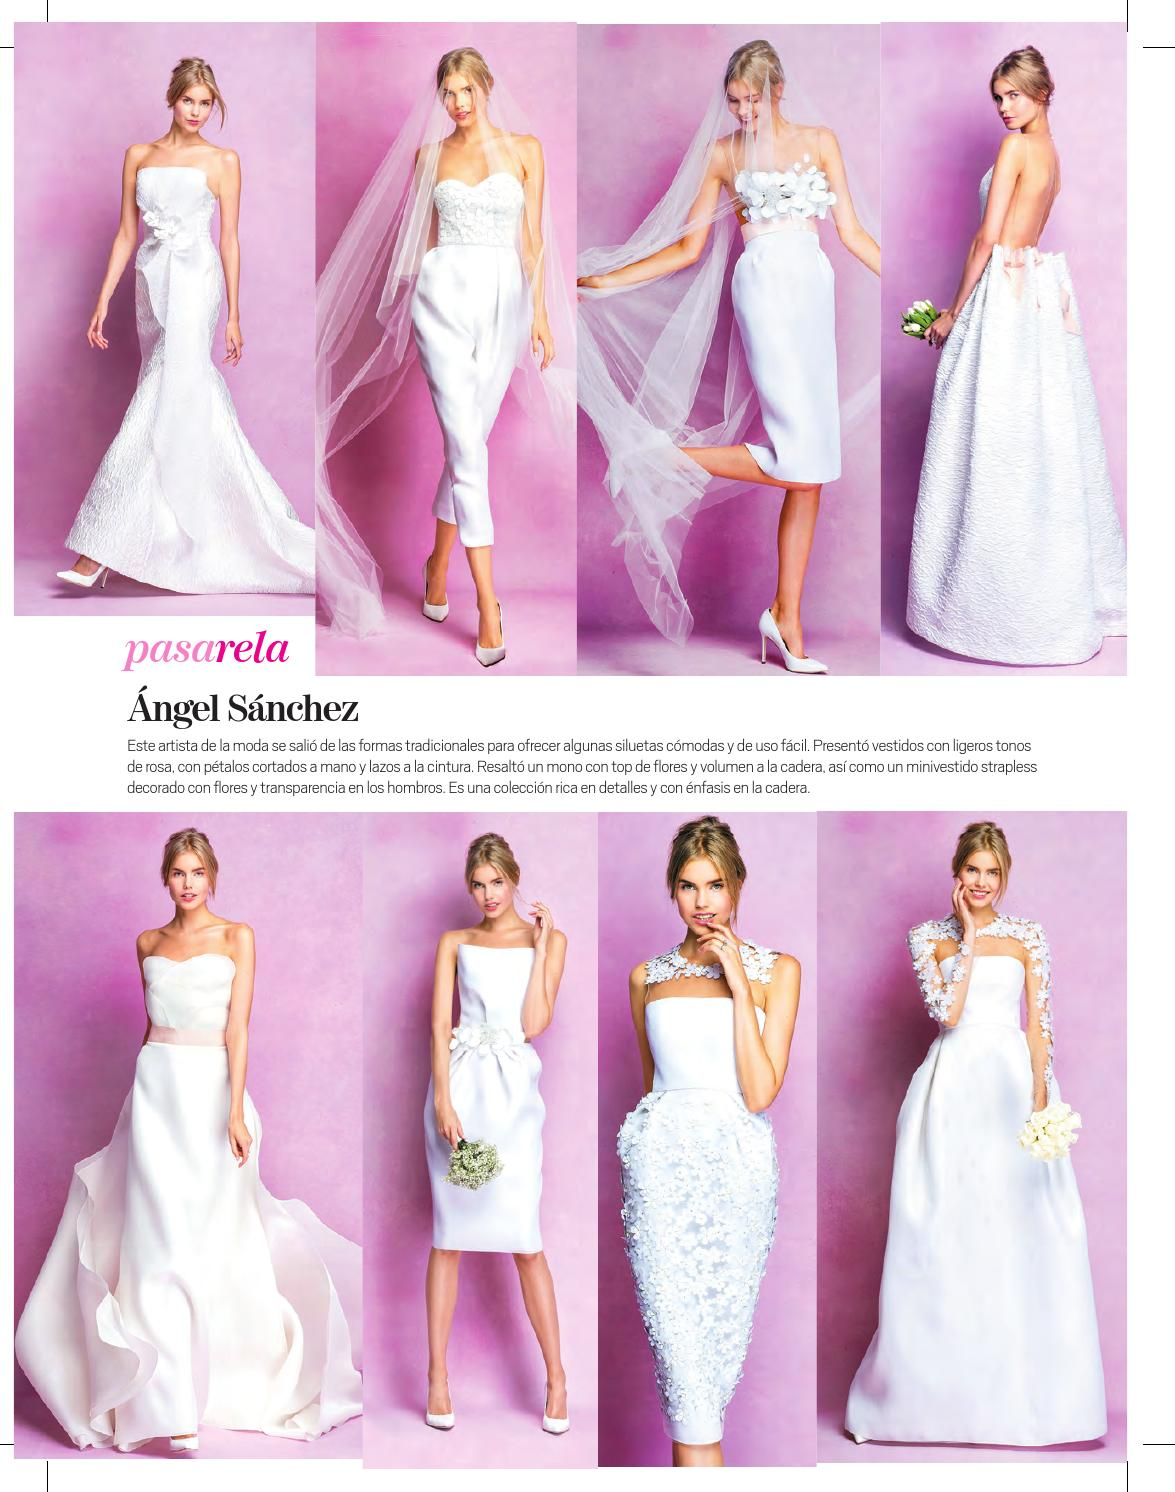 Mujeres novia 2016 by Grupo Editorial Altamirano - issuu